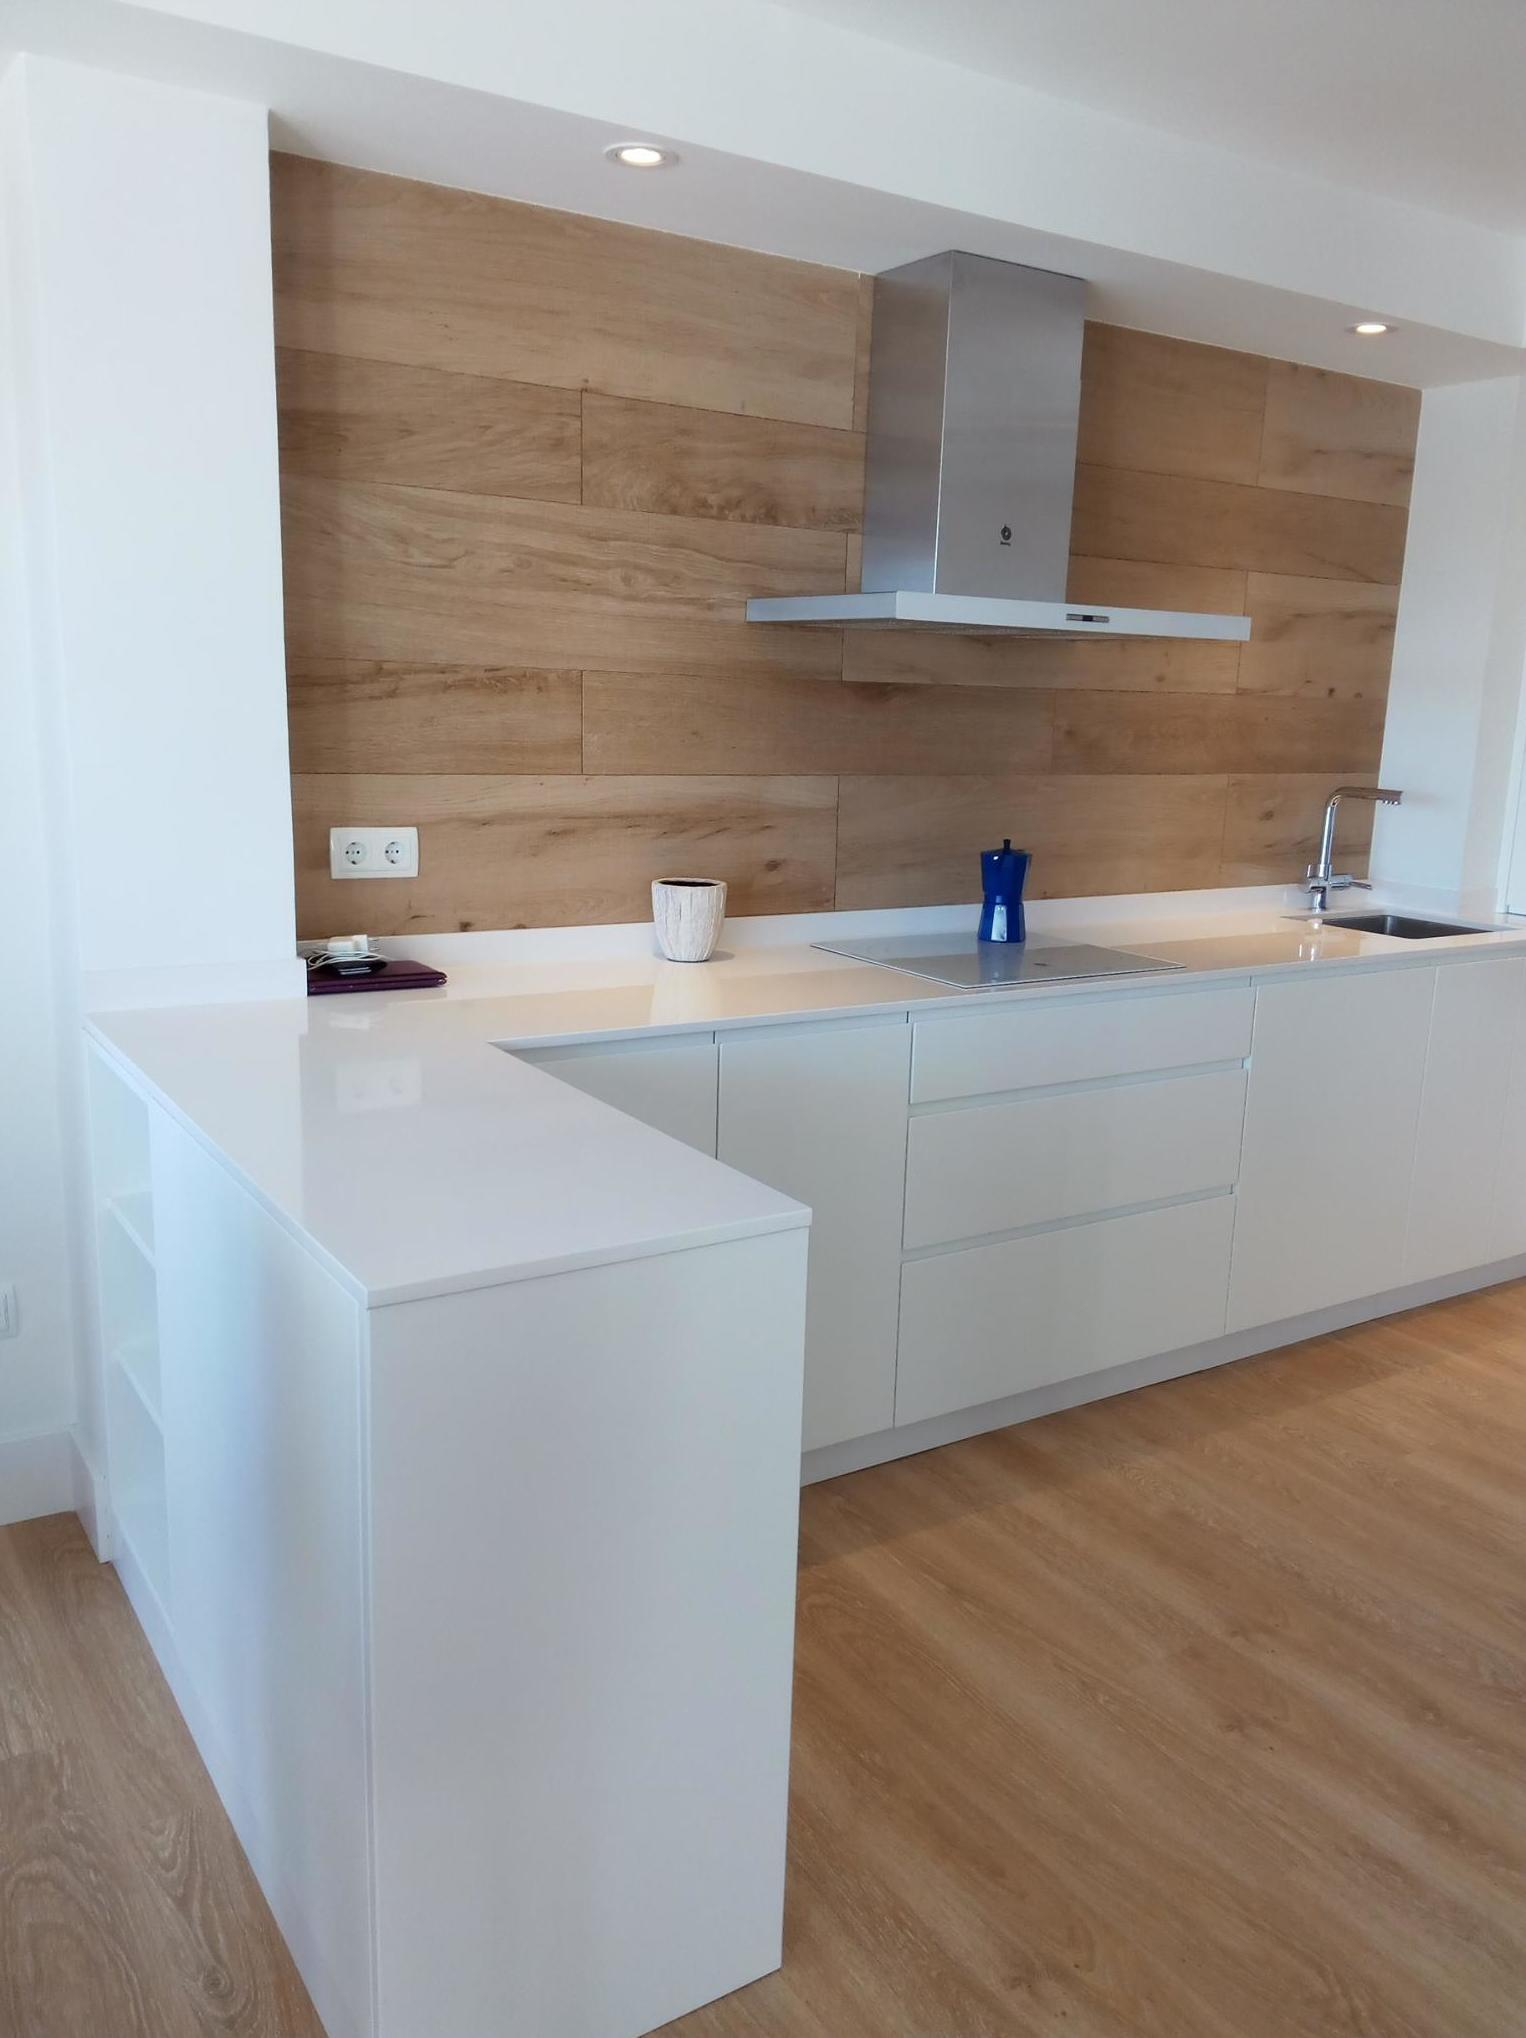 Sala comedor cocina en un solo ambiente - Muebles de segunda mano torrevieja ...